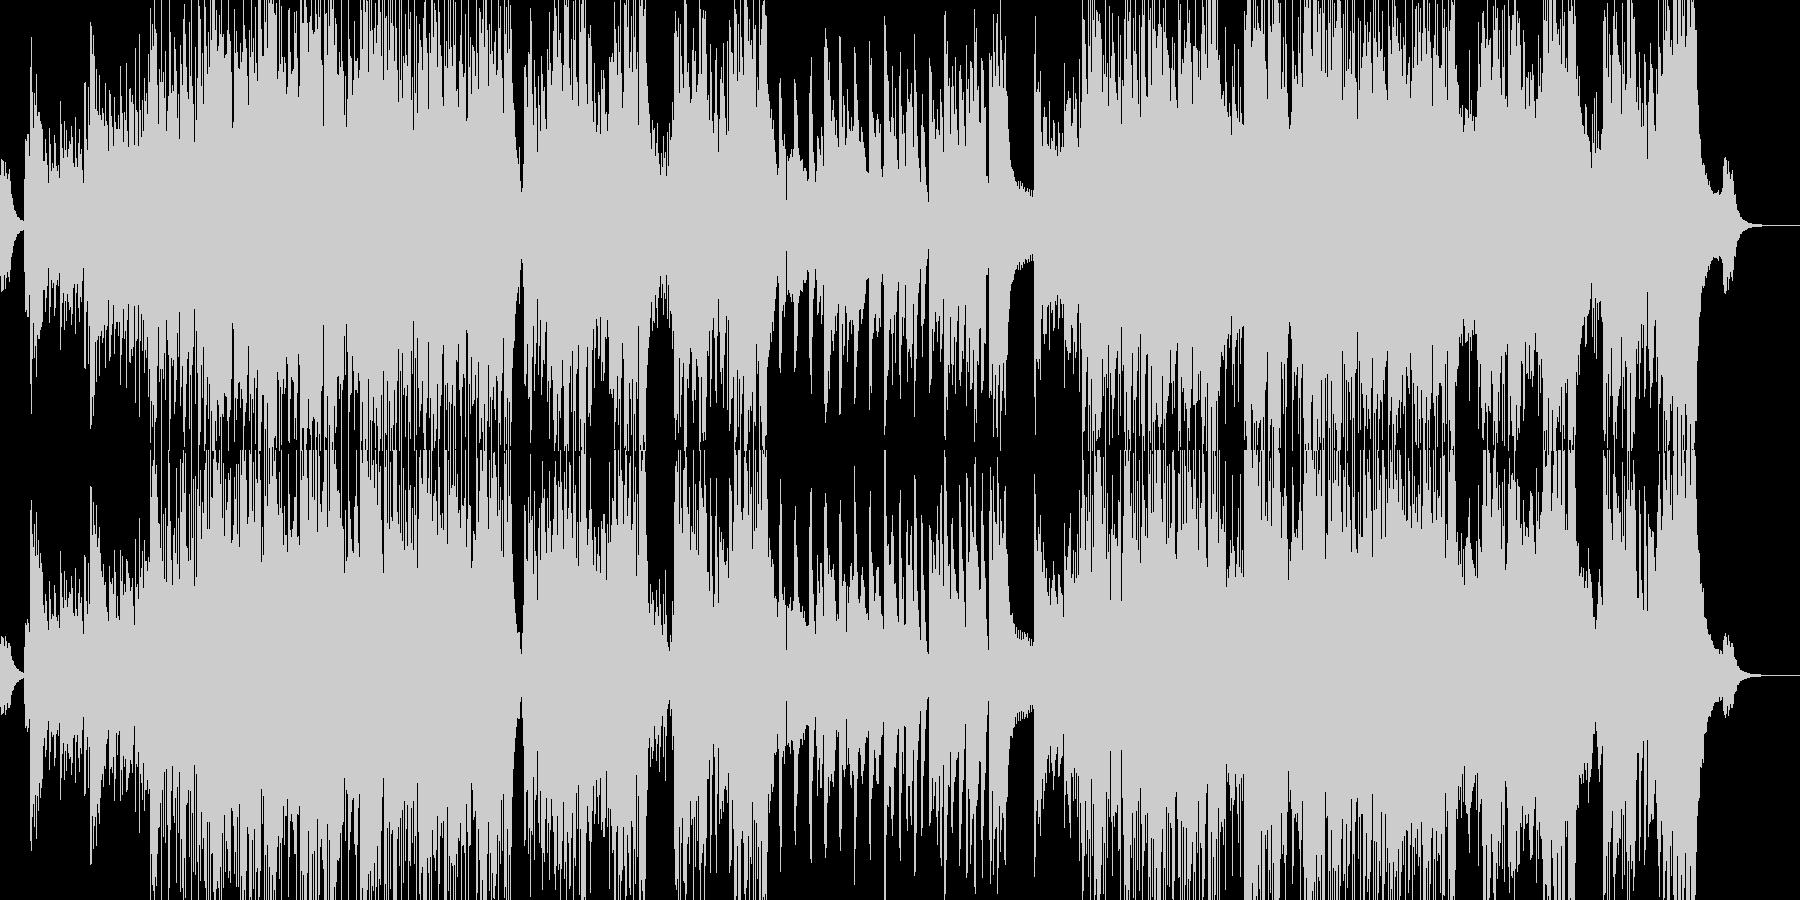 不可思議と螺旋渦巻くイメージの未再生の波形